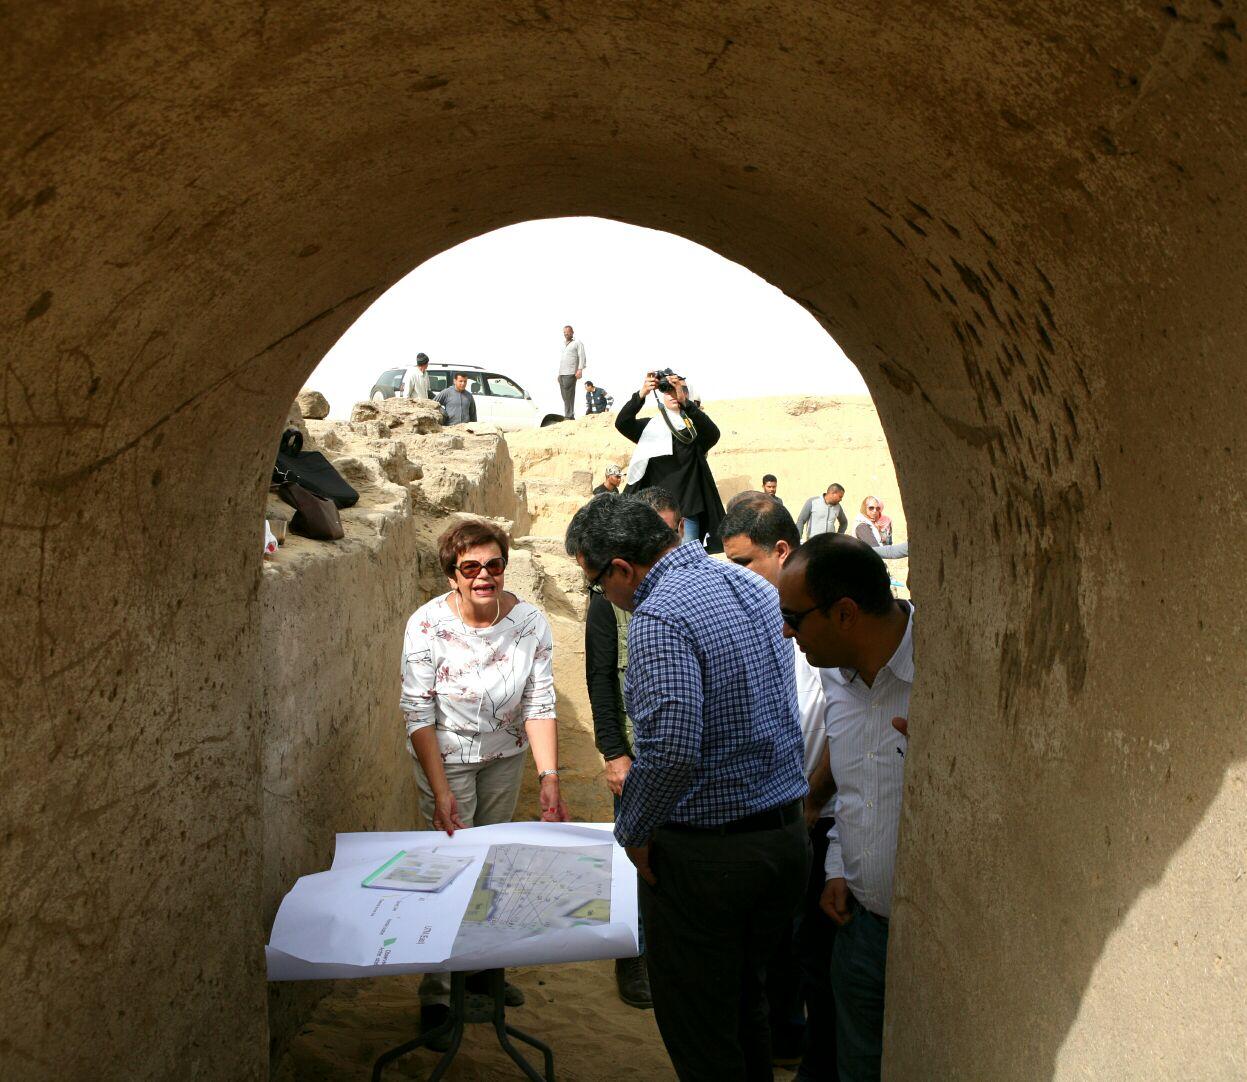 وزير الآثار يتفقد أعمال حفائر بعثة جامعة القاهرة بمنطقة سقارة (1)